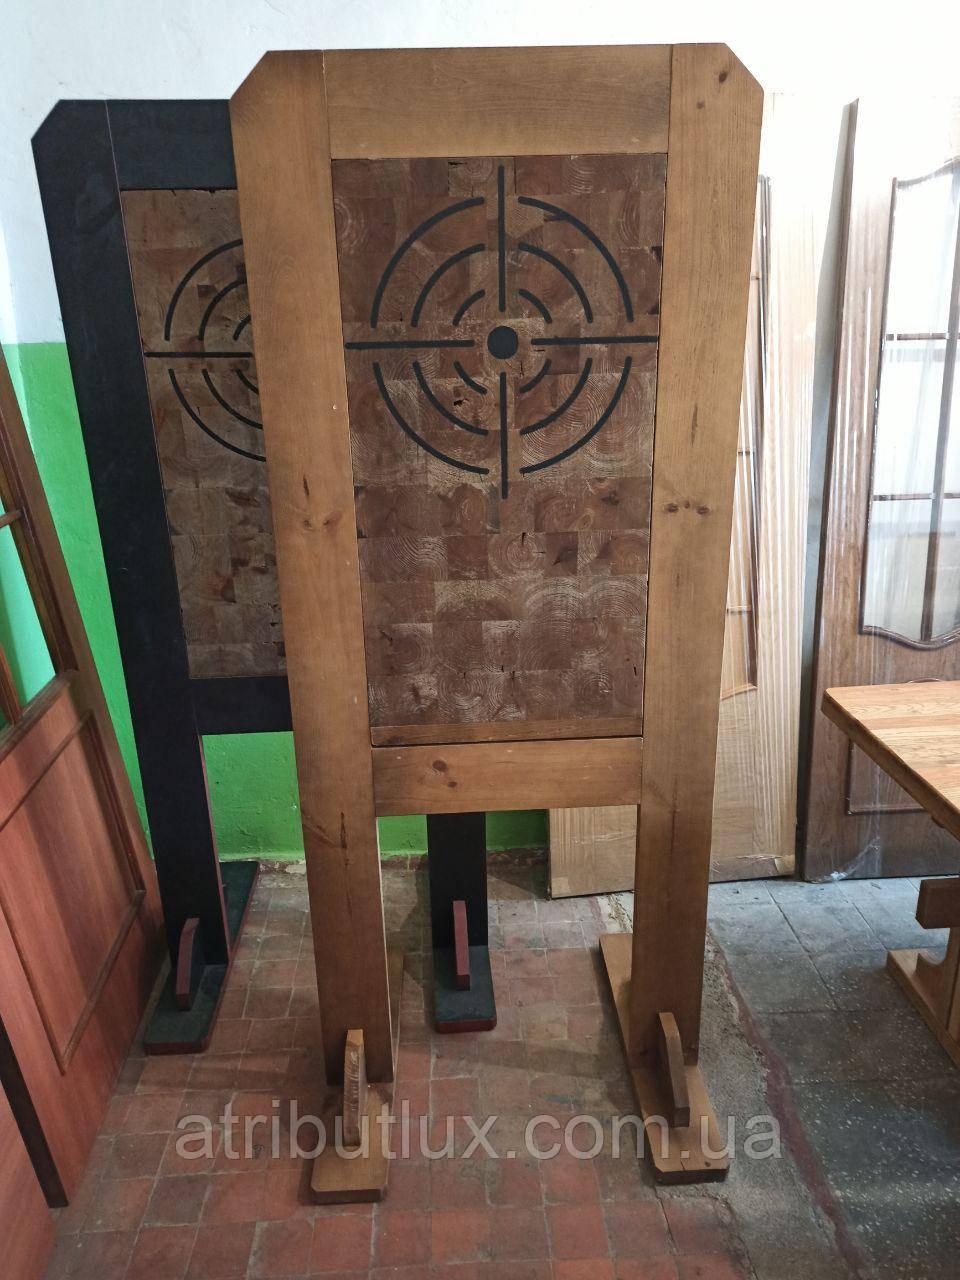 Деревянная мишень на стойке. Для метания ножей или стрельбы из лука.